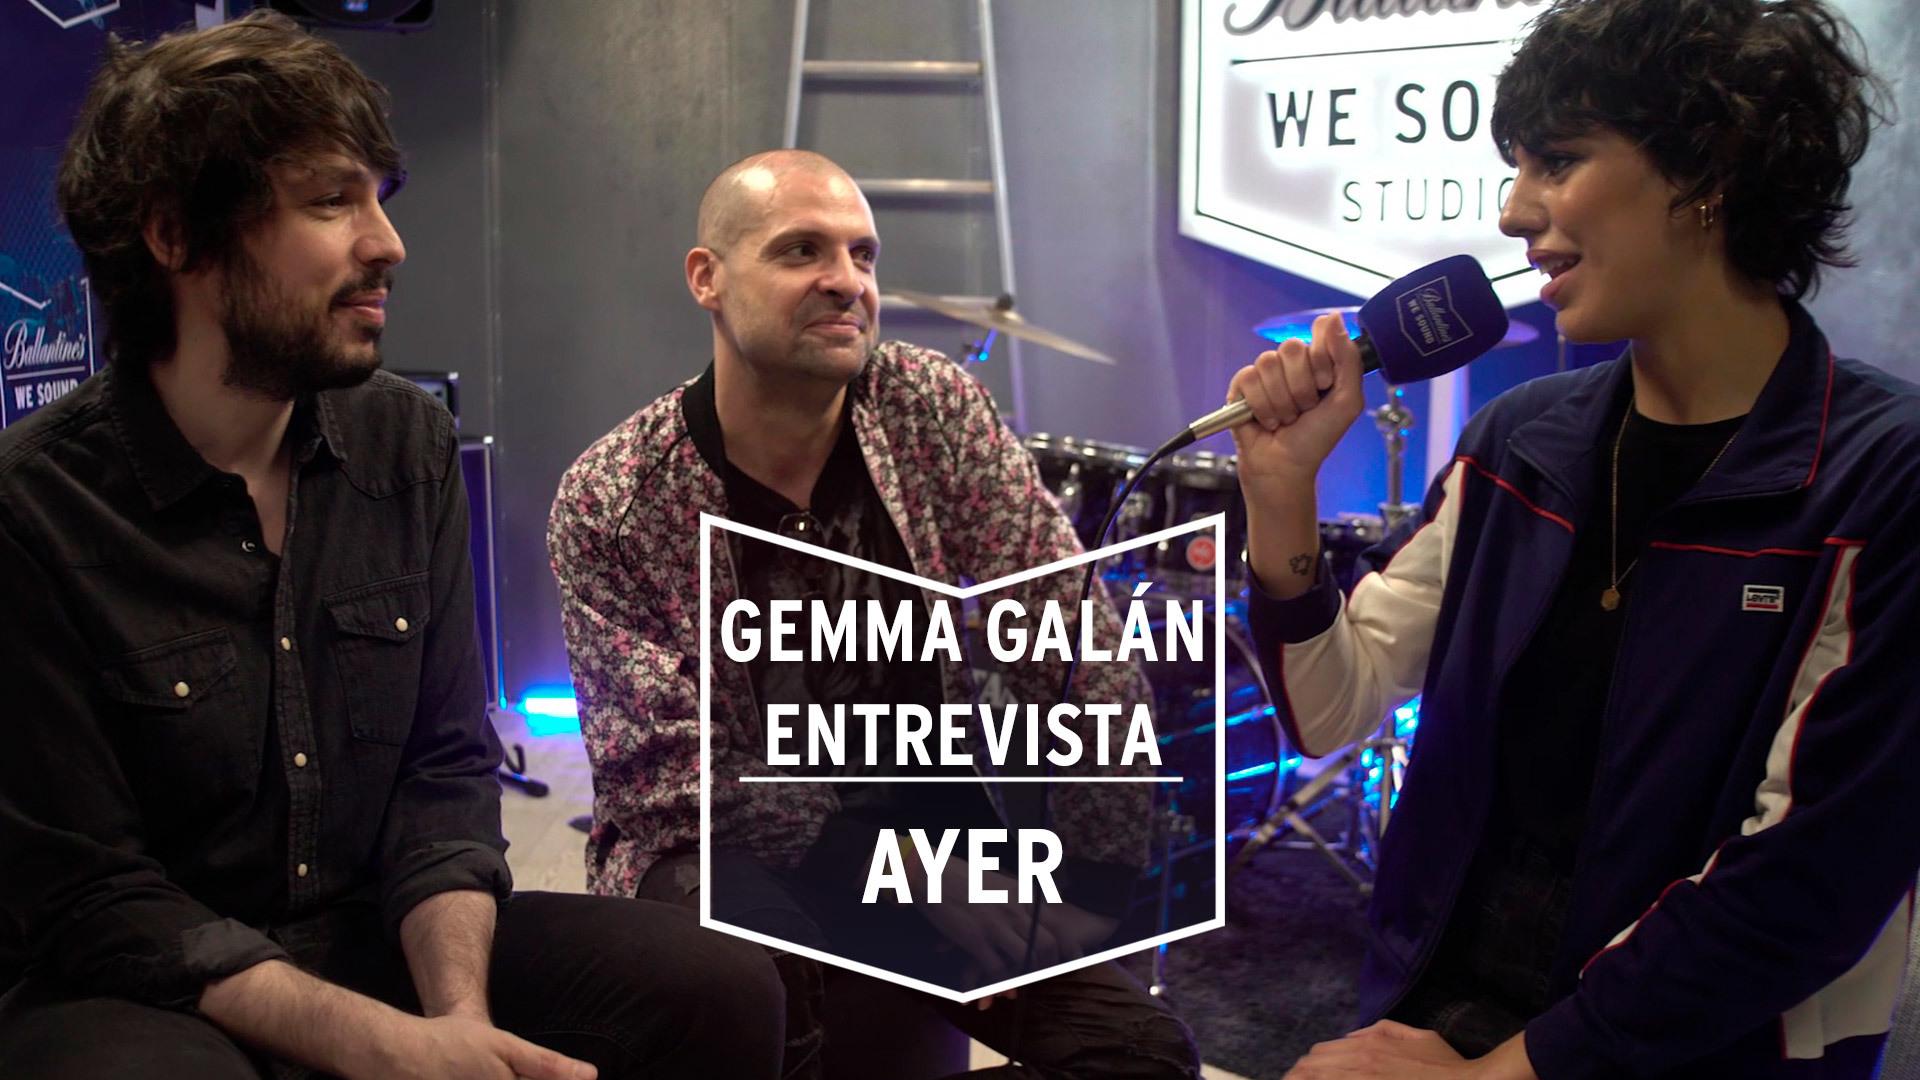 Temporada 1 Gemma Galán entrevista a 'Ayer' en su ensayo para la sala 'El Sol' | We Sound